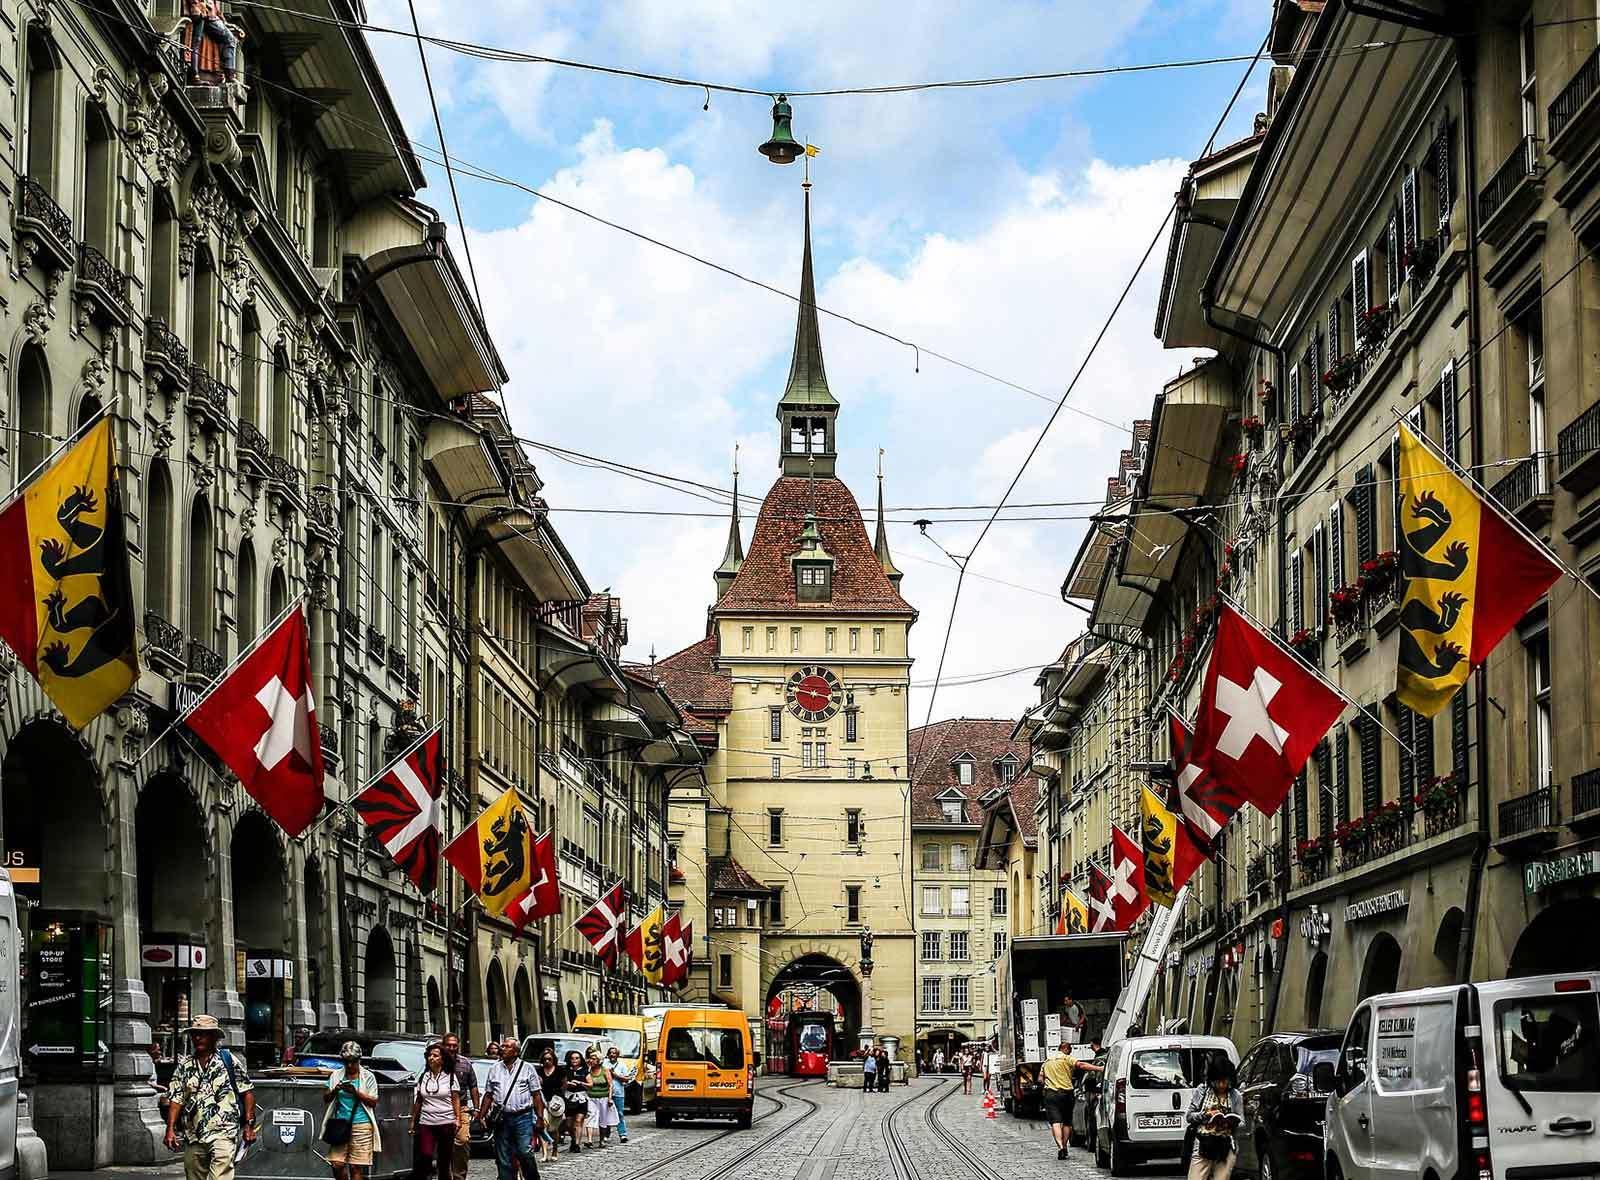 Berner Käfigturm und Marktgasse